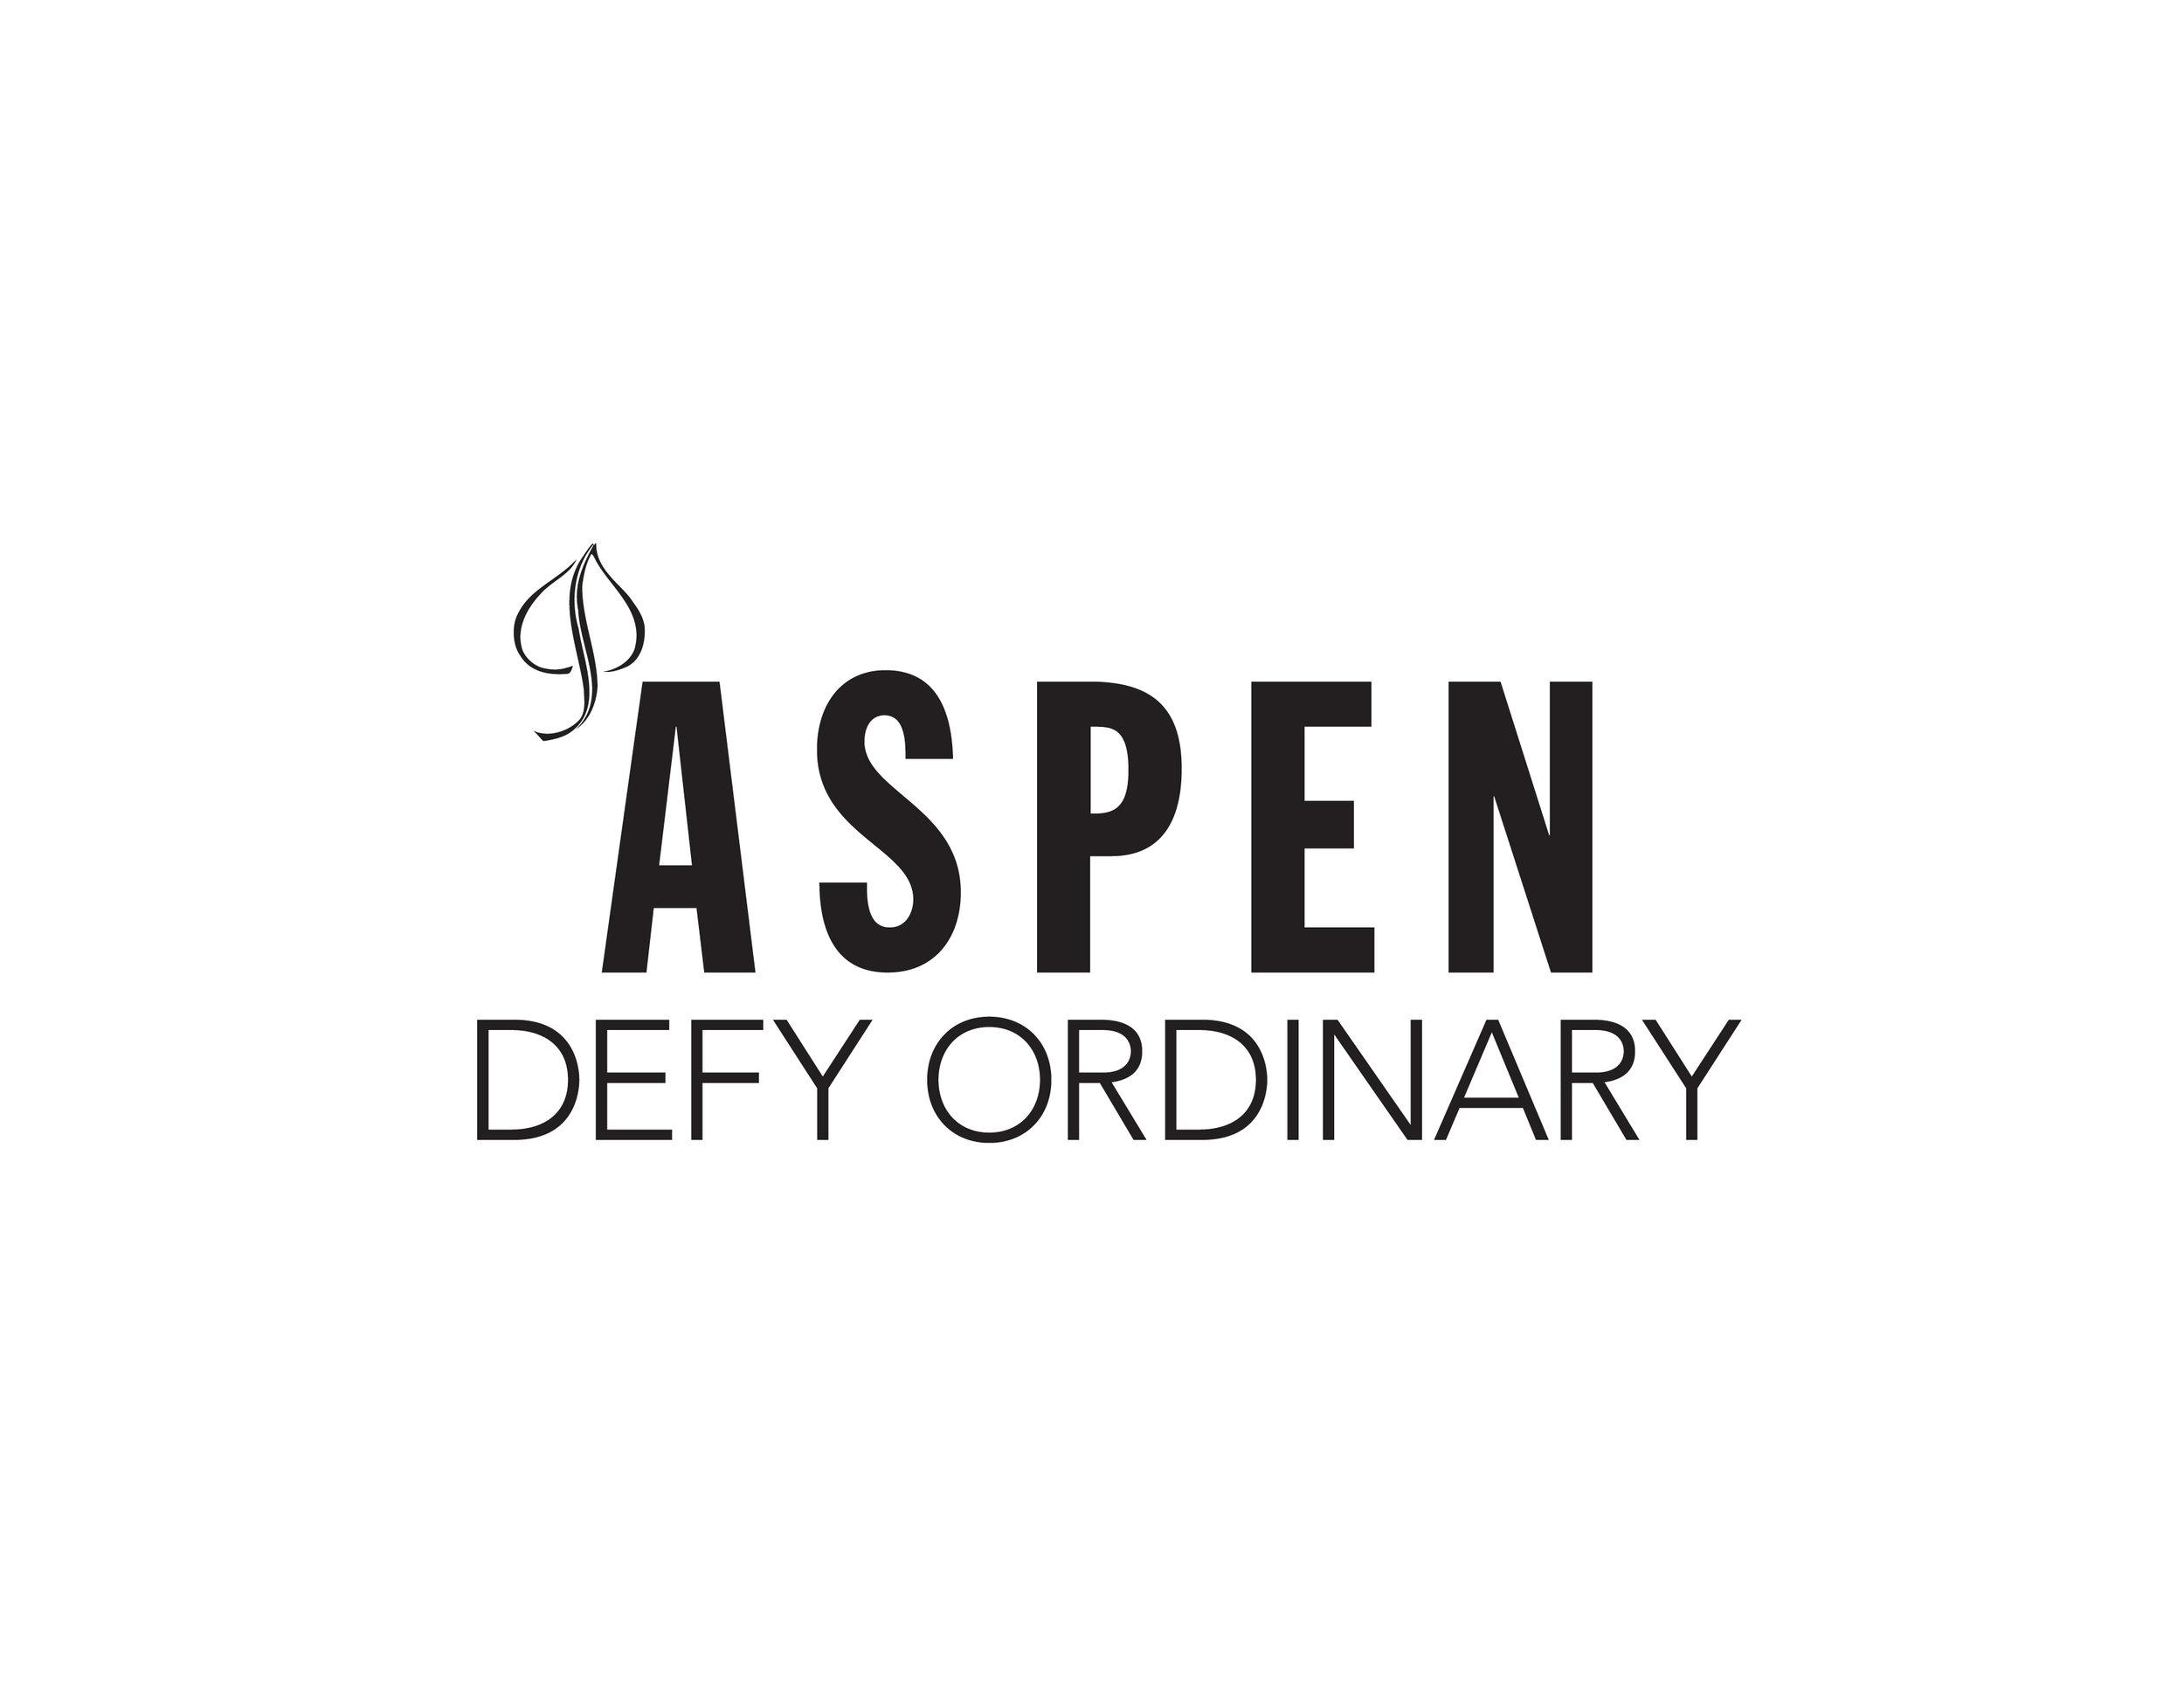 100x100 Aspen Defy stacked logo.jpg